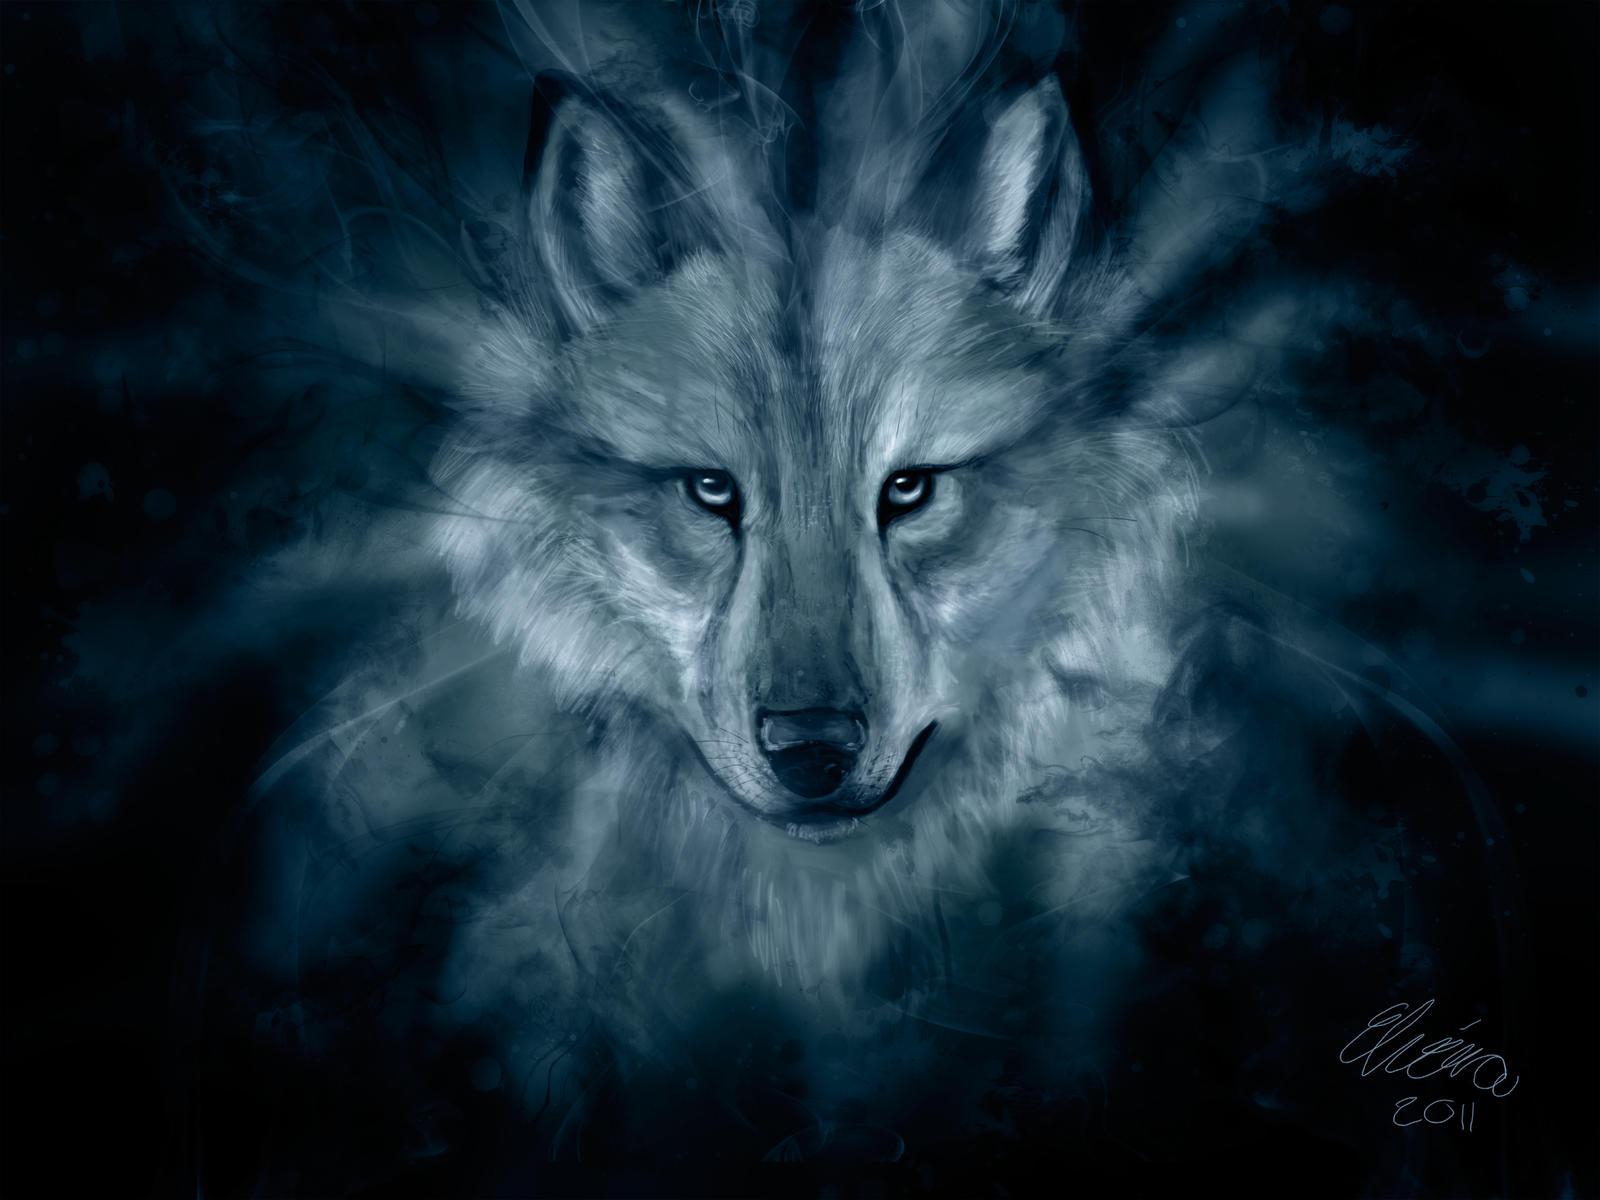 spirit animals wallpaper wolf - photo #14